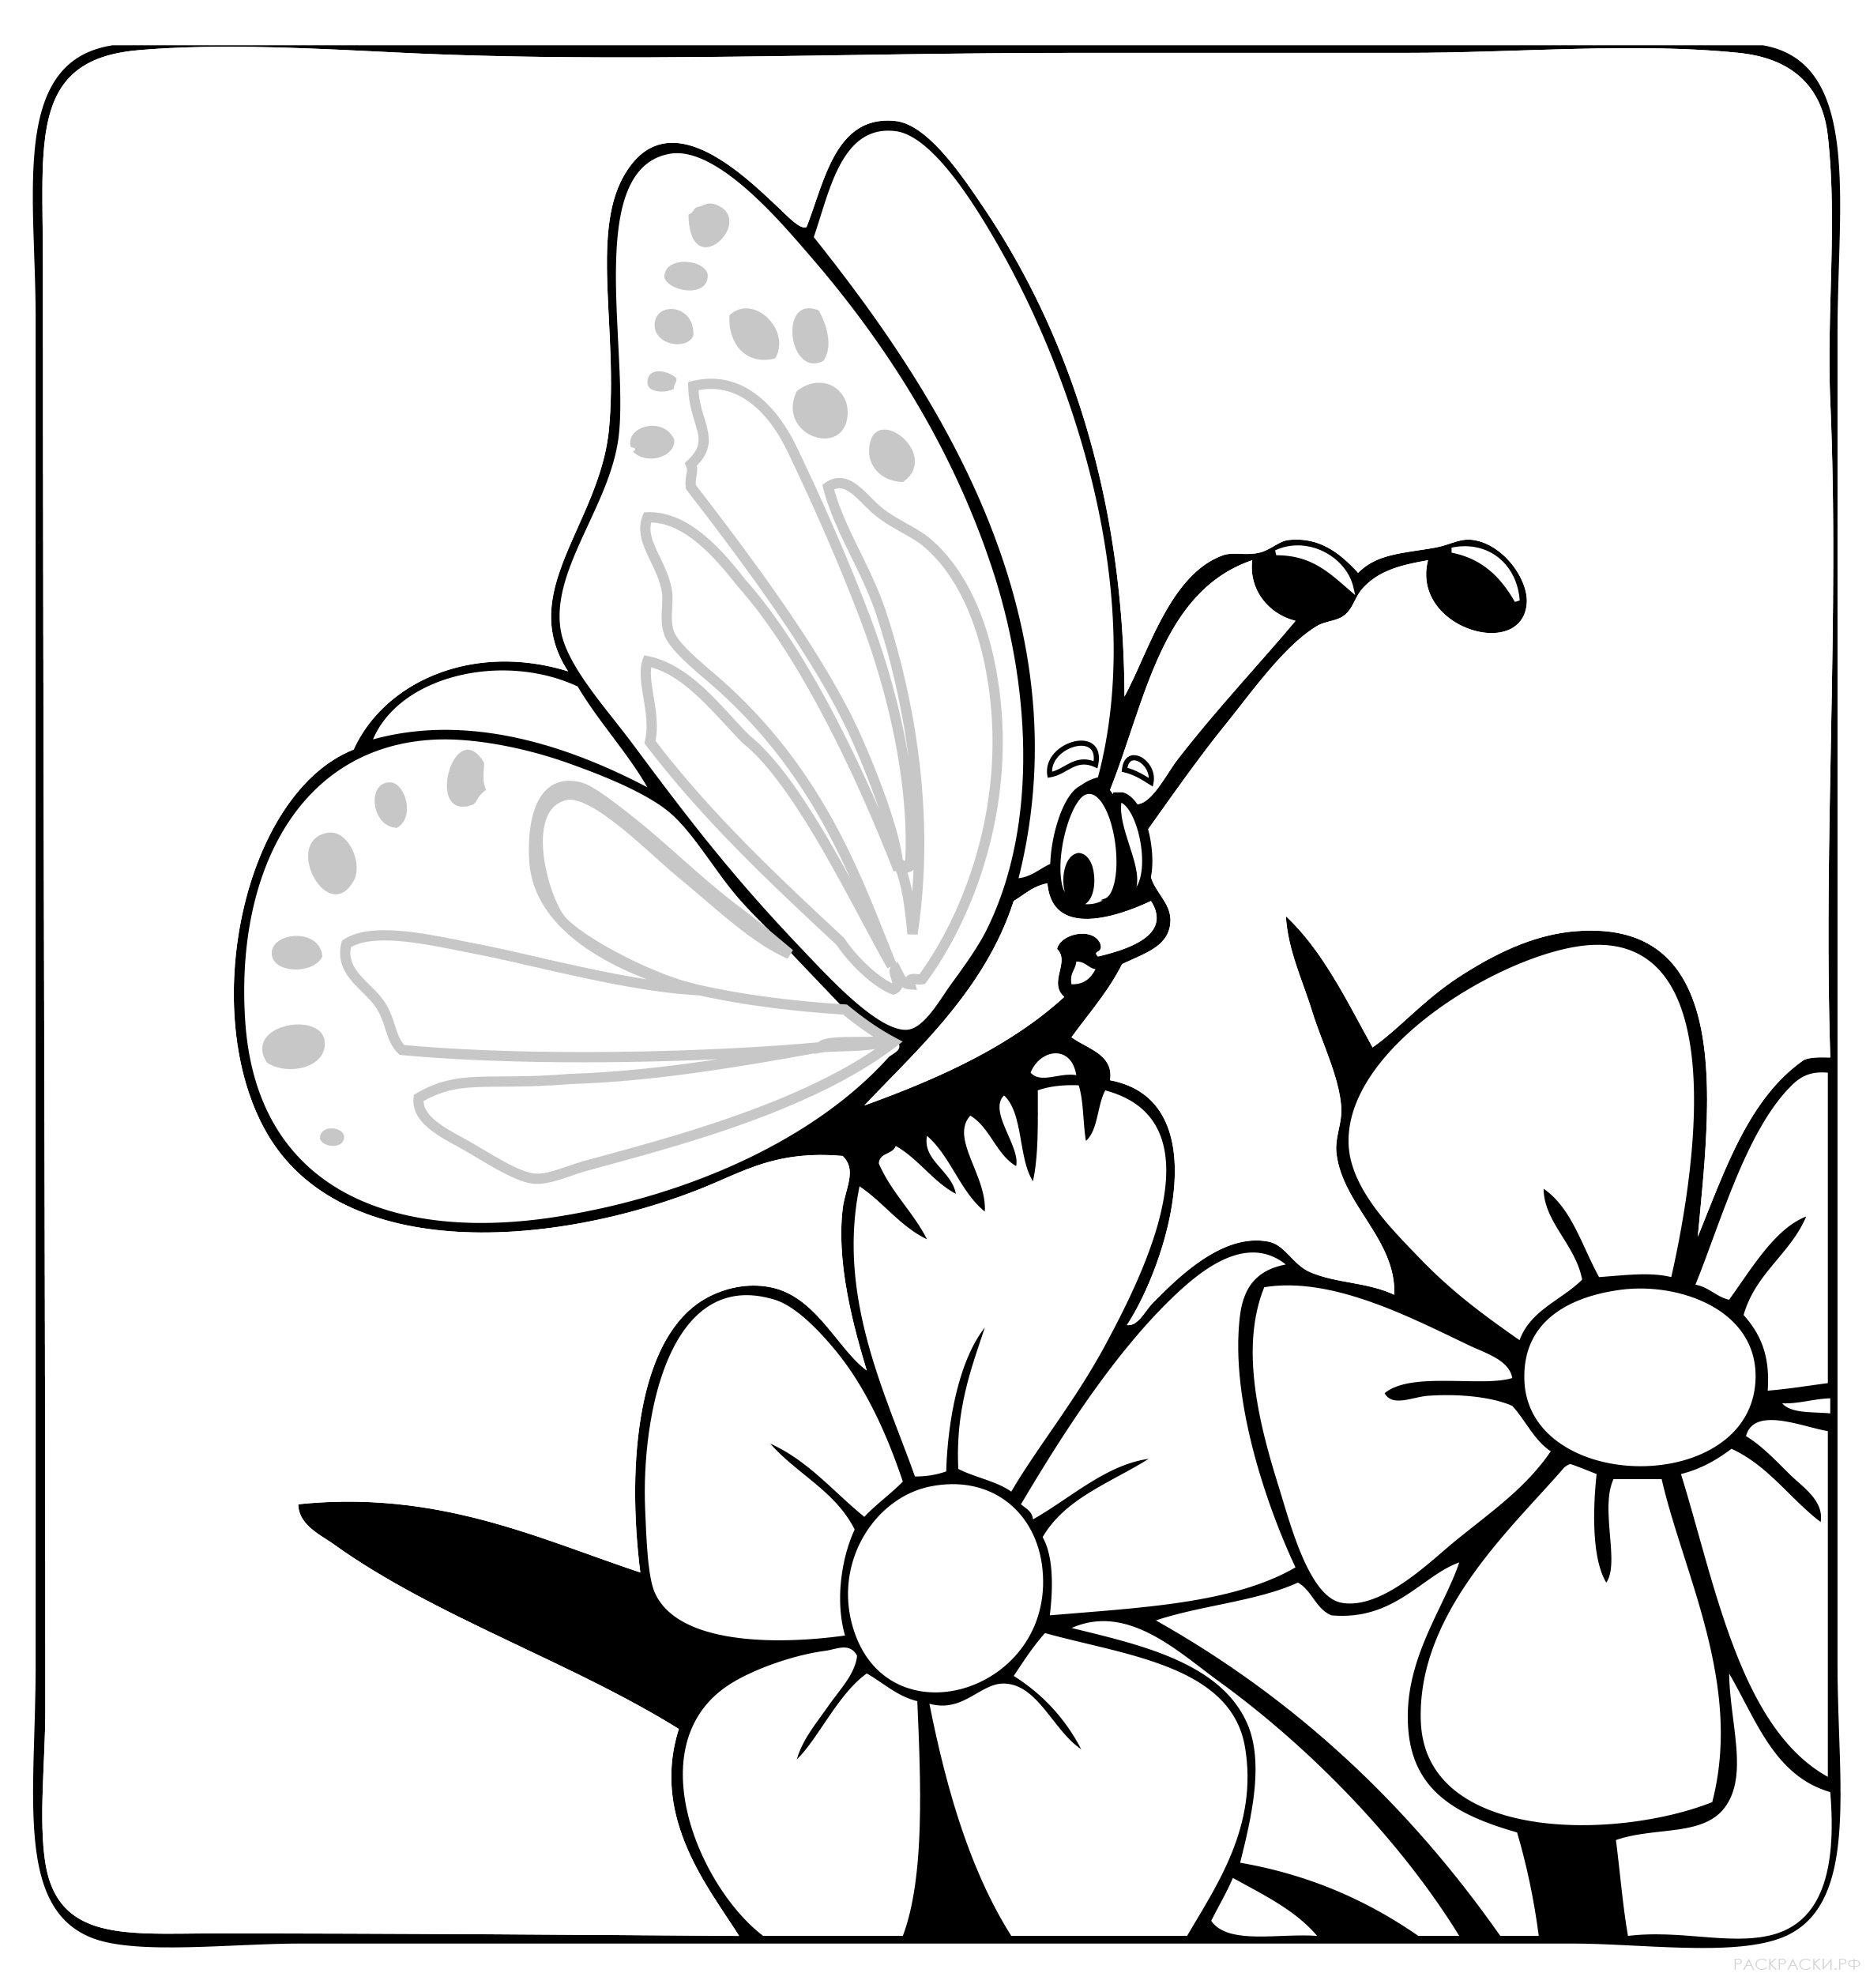 Раскраски для детей цветы с бабочками